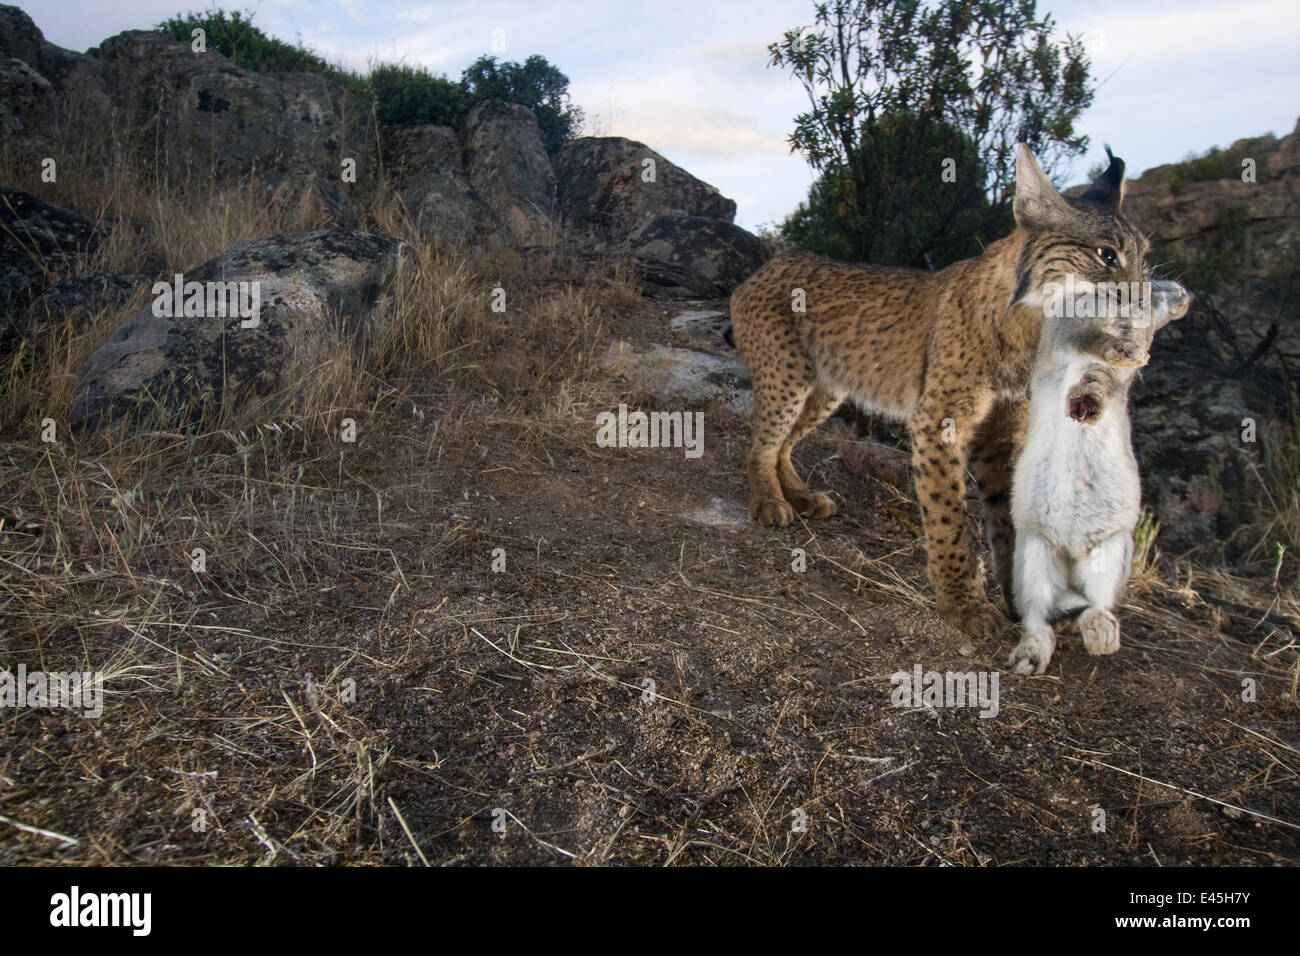 Wild le lynx ibérique (Lynx pardinus) hommes transportant des proies de lapin, la Sierra de Andújar, Parc Naturel de la forêt méditerranéenne de la Sierra Morena, au nord-est de la province de Jaén, Andalousie, Espagne, mai 2009, gravement menacés Banque D'Images